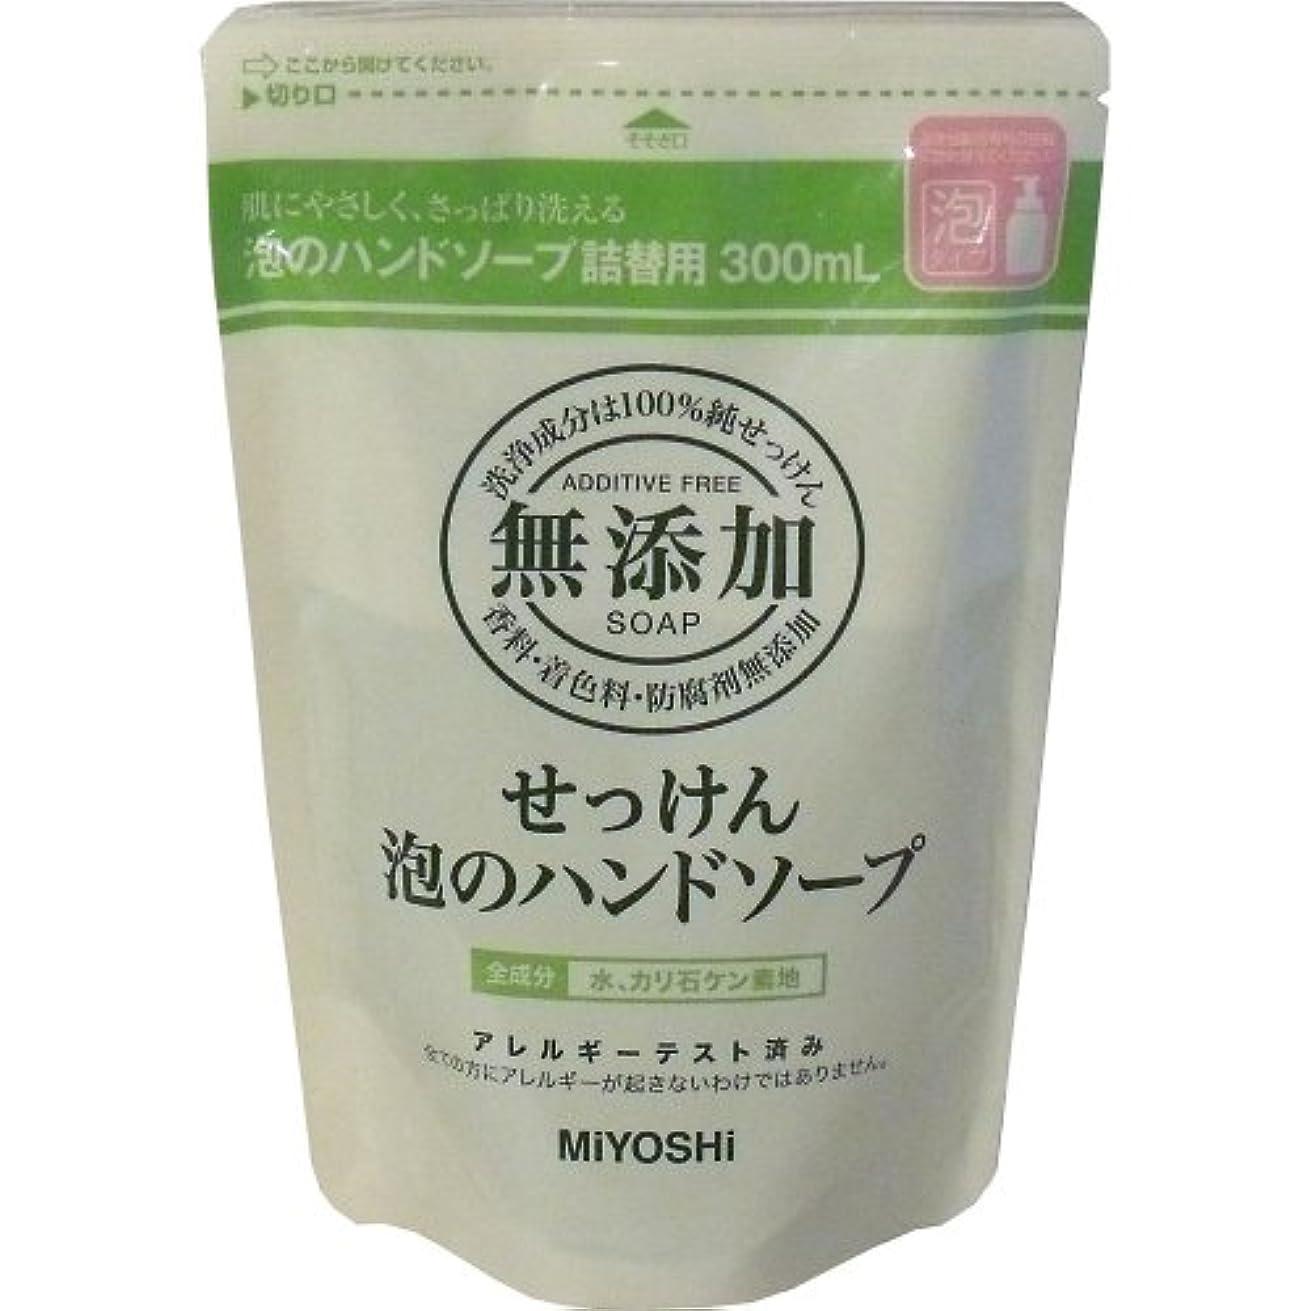 刻むハロウィン経験的ミヨシ石鹸 無添加せっけん泡ハンドソープ 詰替用300ml×5